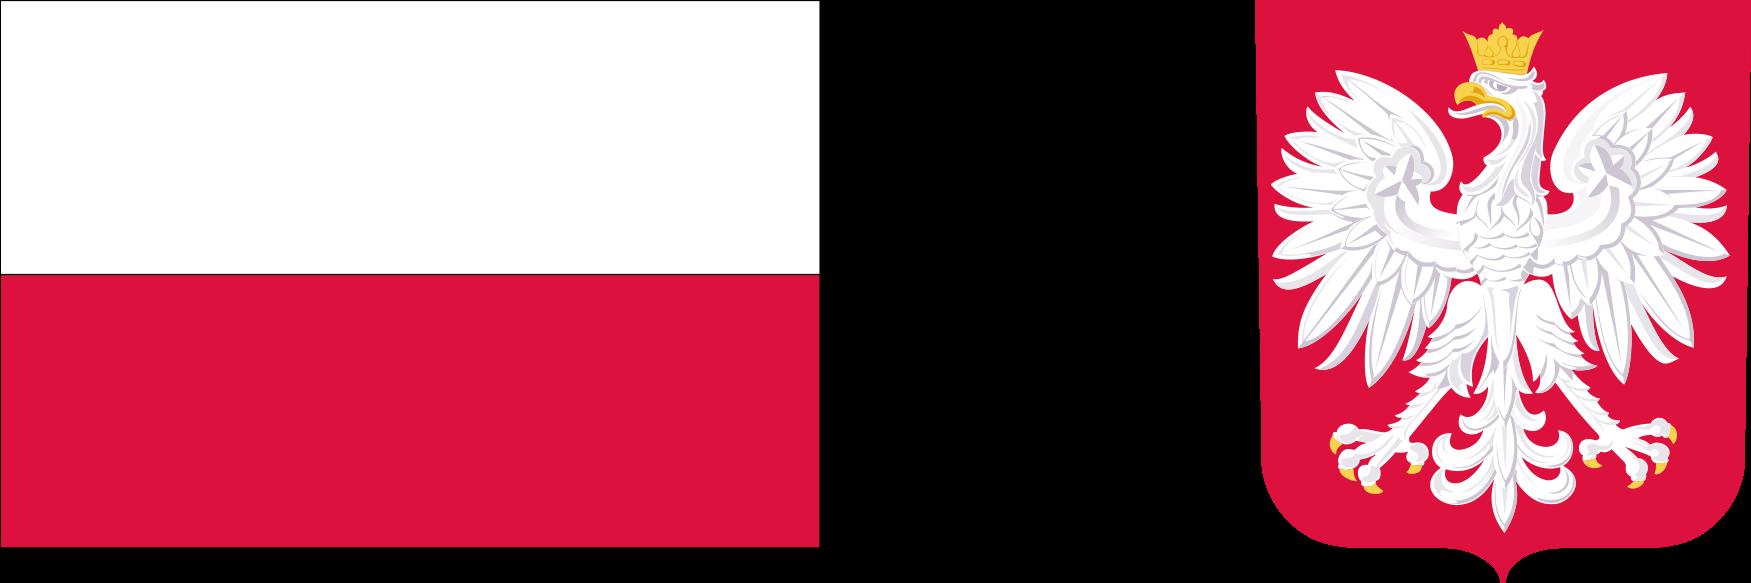 Flaga i godło kraju